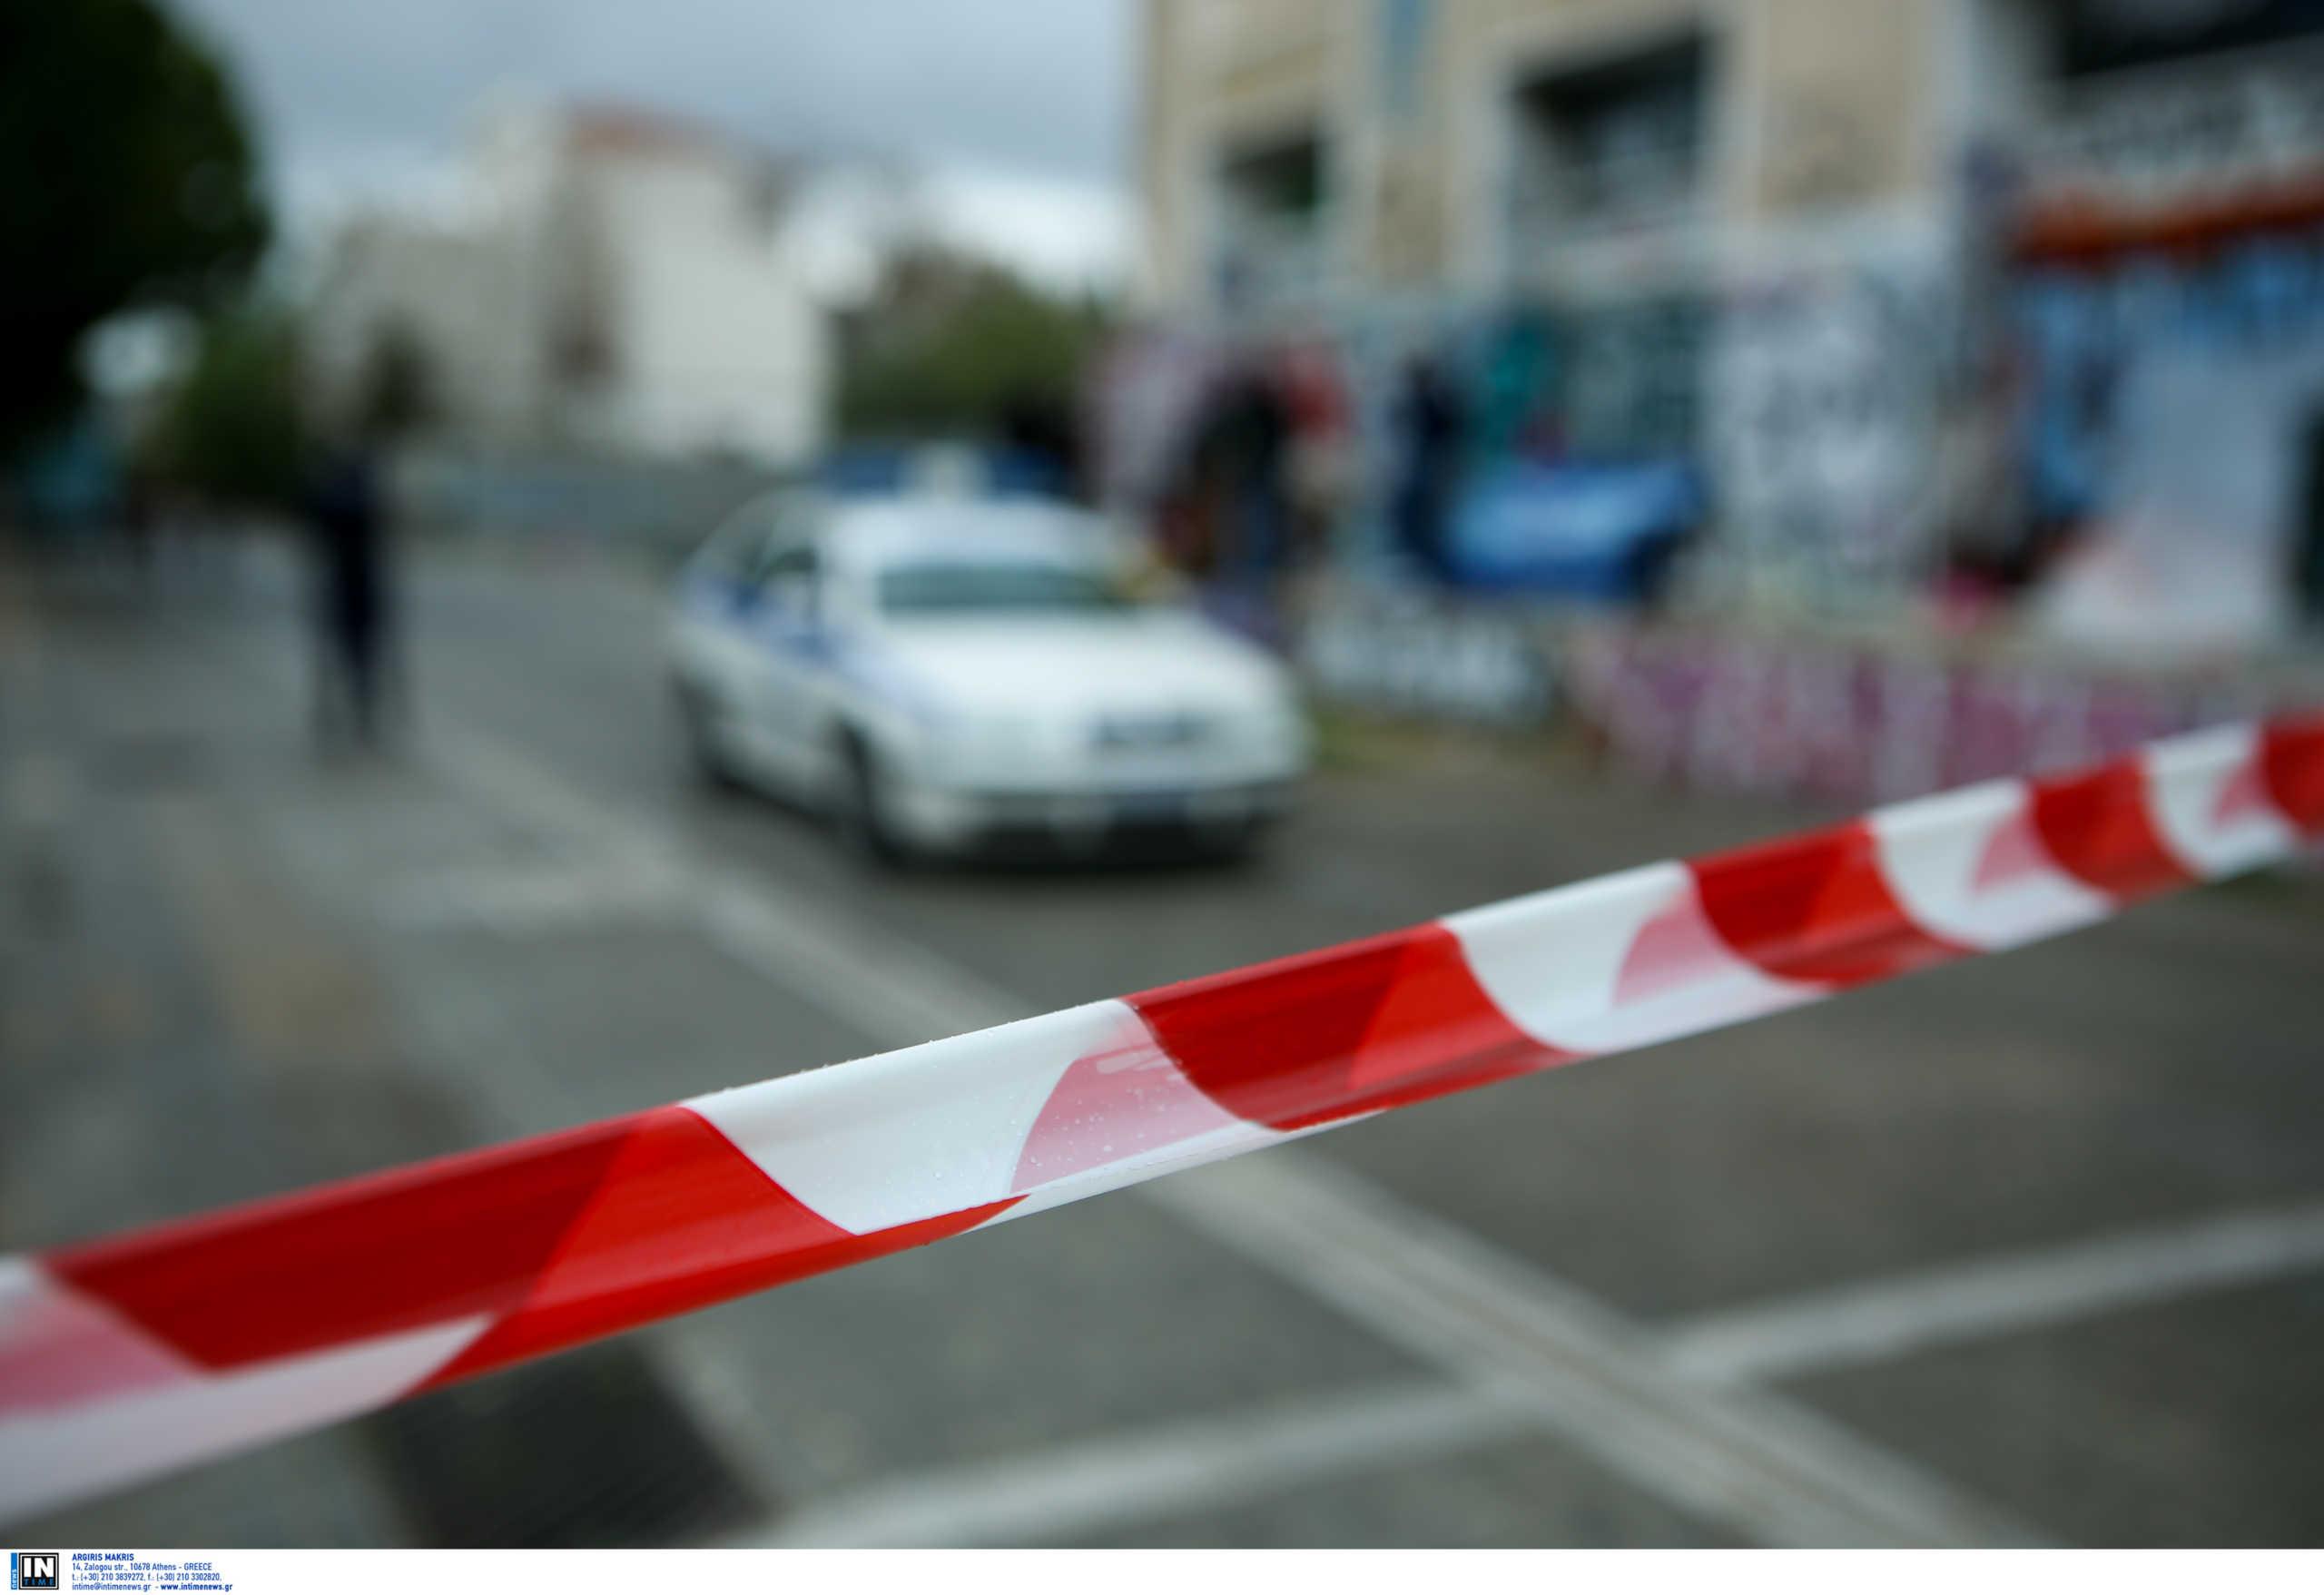 Εύβοια: Μπαράζ διαρρήξεων σε σπίτια και ξενοδοχείο! Έτρεχαν και δεν έφταναν οι αστυνομικοί